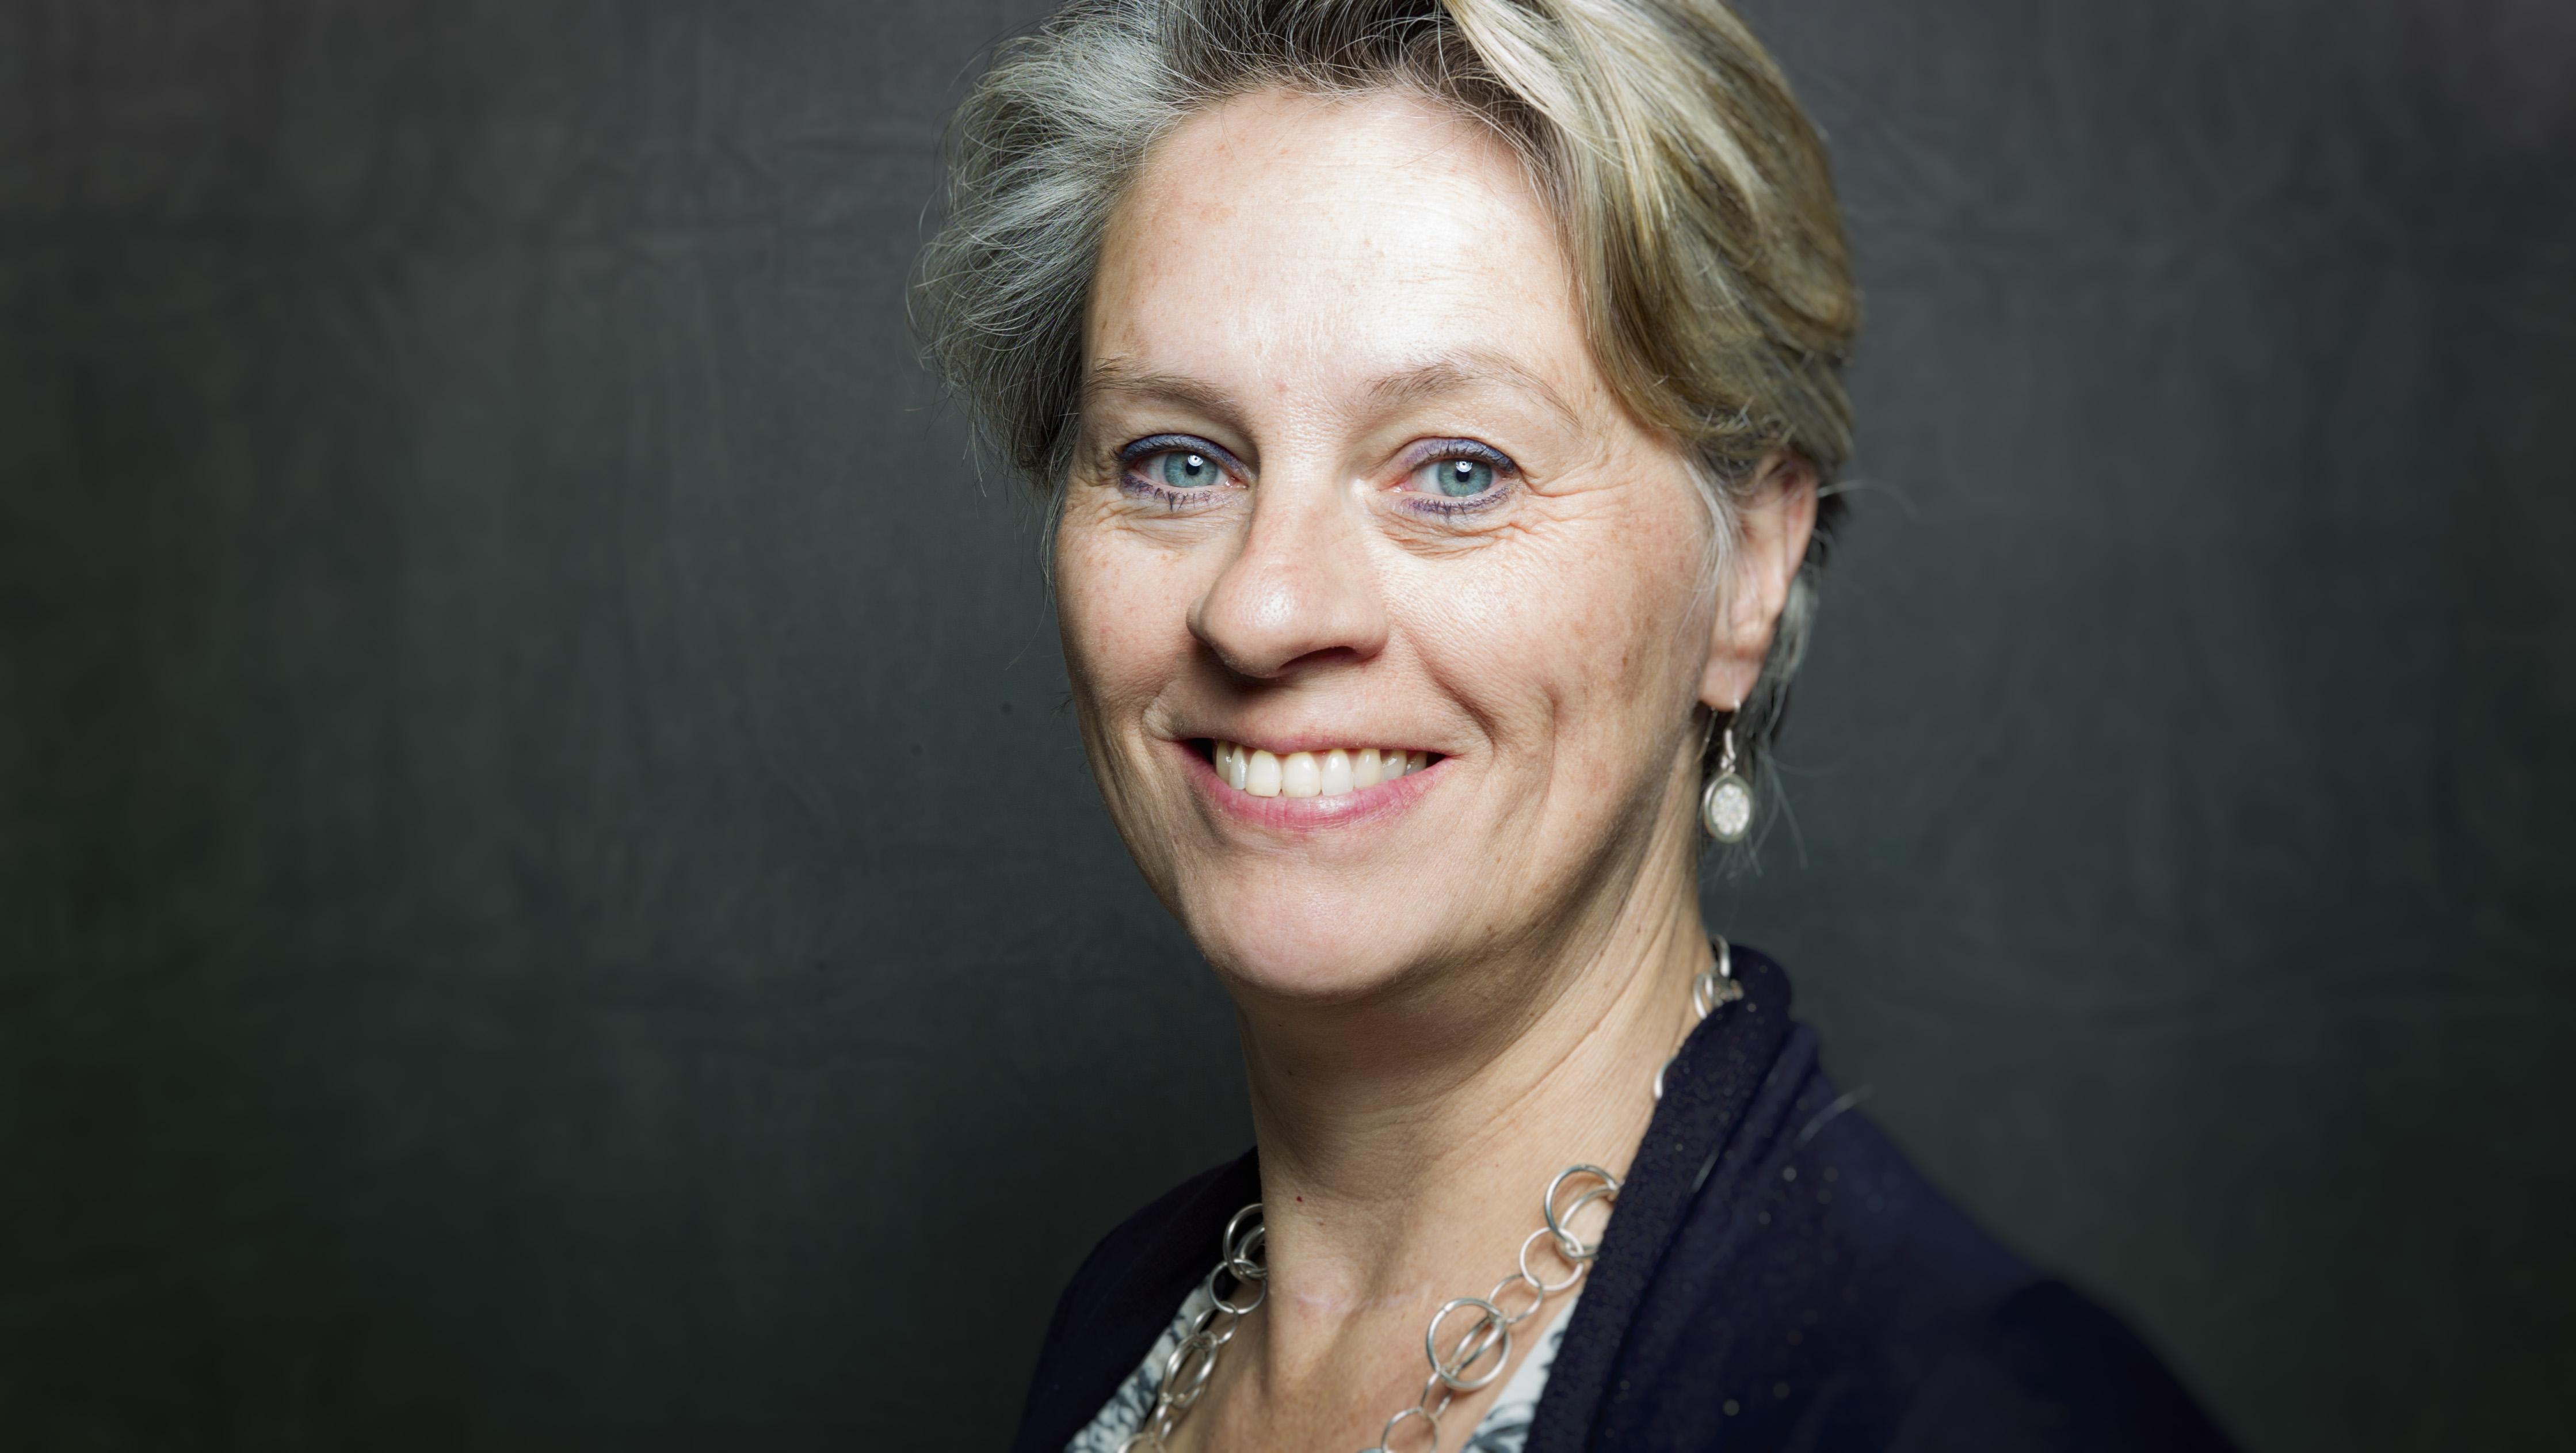 Josette Dijkhuizen